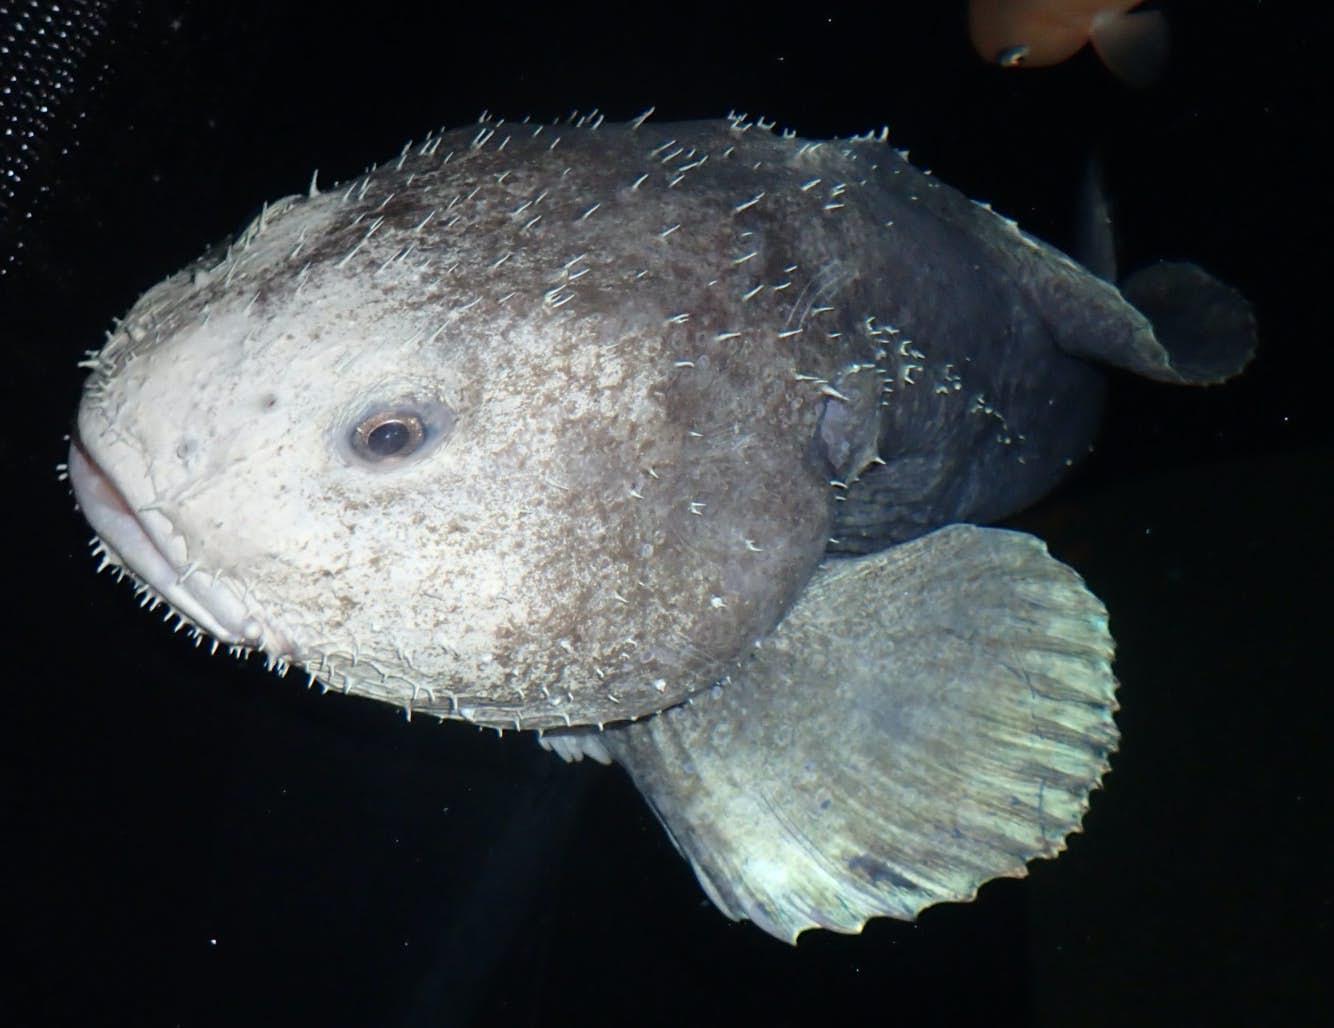 Blobfish_2.jpg